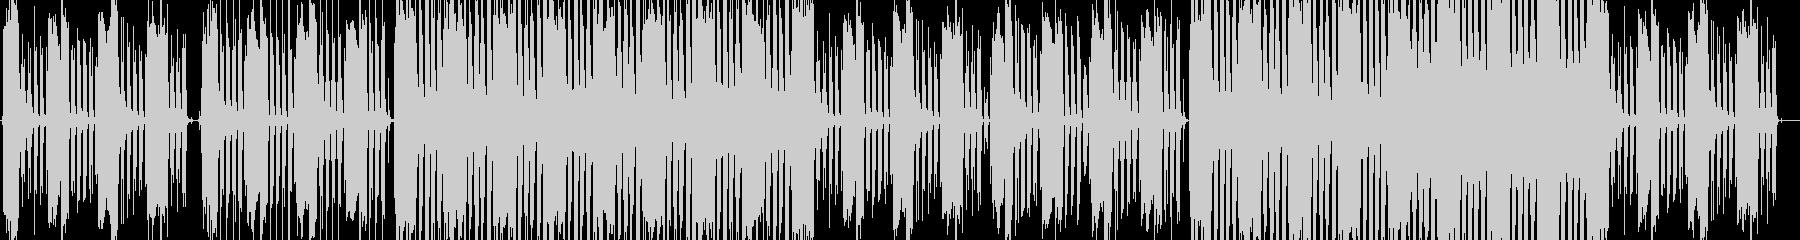 ブルース アクティブ 明るい バト...の未再生の波形